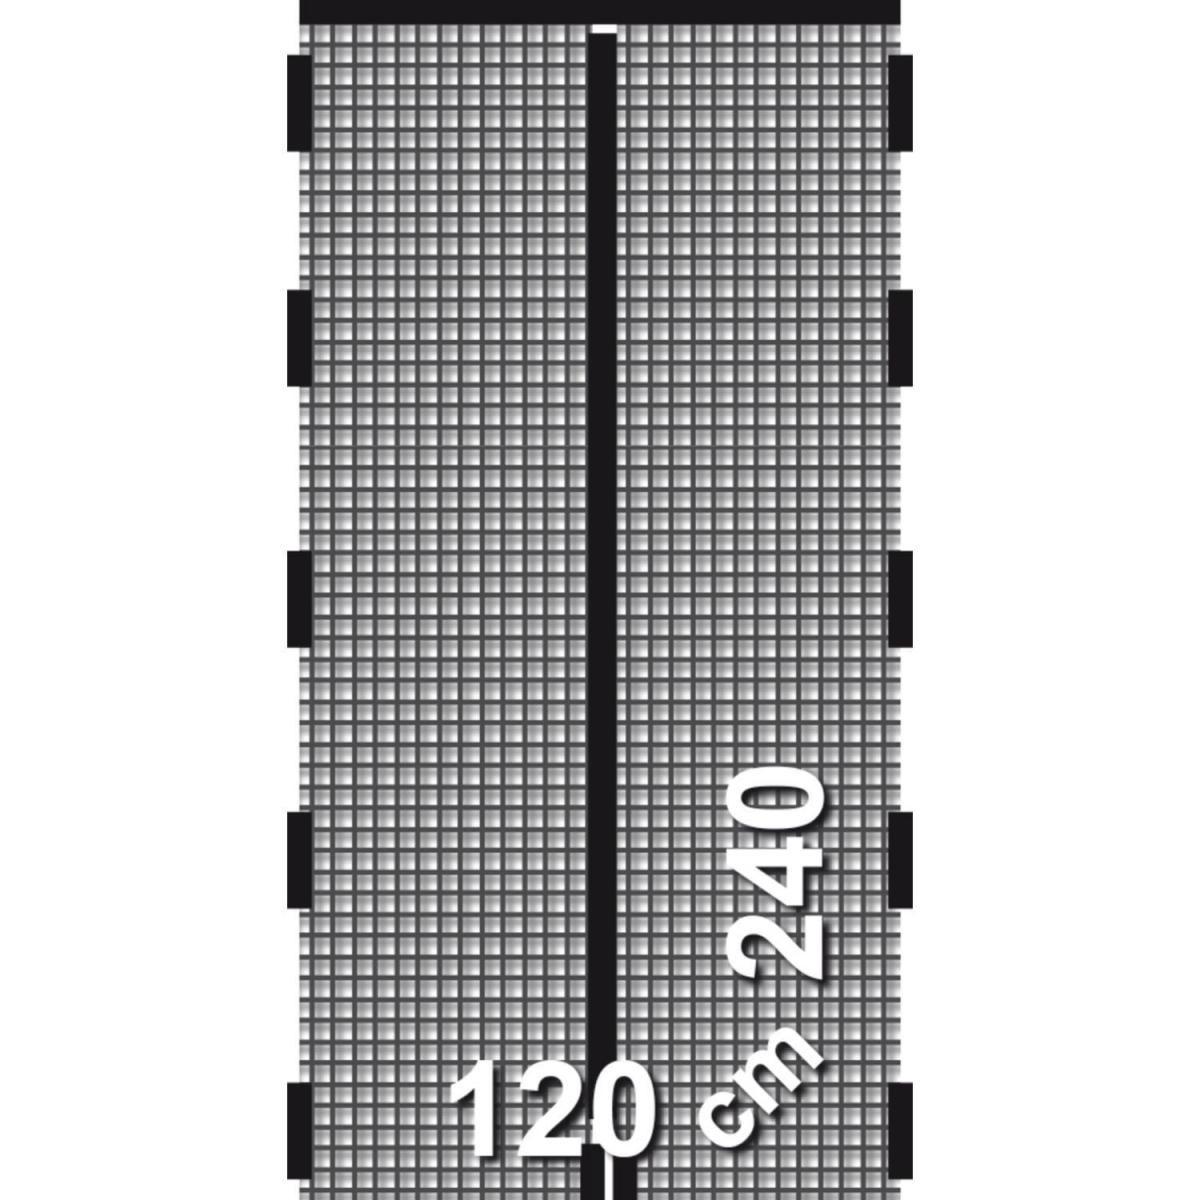 Full Size of Schellenberg Insektenschutz Magnetvorhang 120x140 Cm Fenster Fliegengitter Maßanfertigung Für Magnettafel Küche Wohnzimmer Fliegengitter Magnet